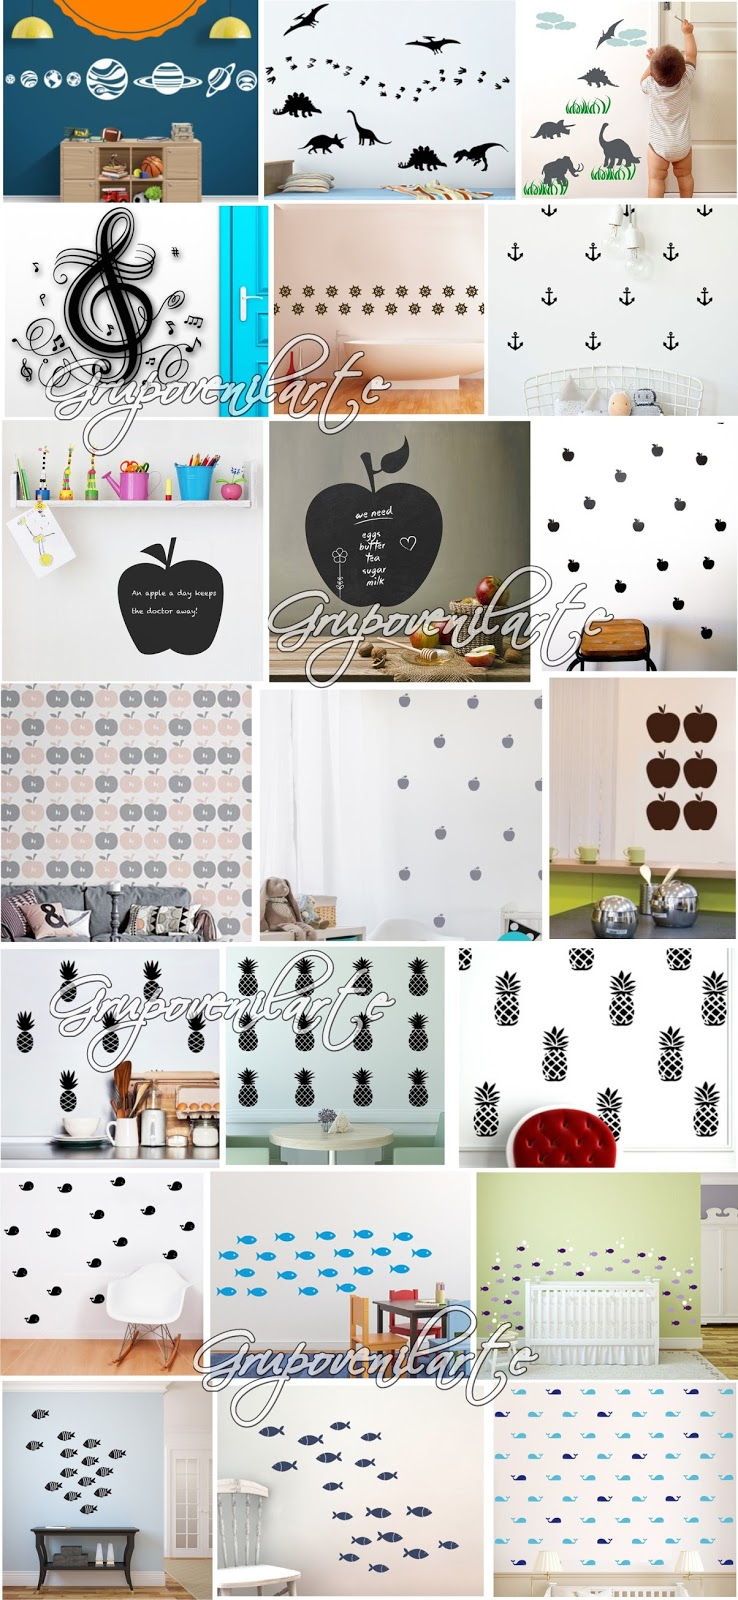 vinilos decorativos para paredes hogar decoraci n beb s